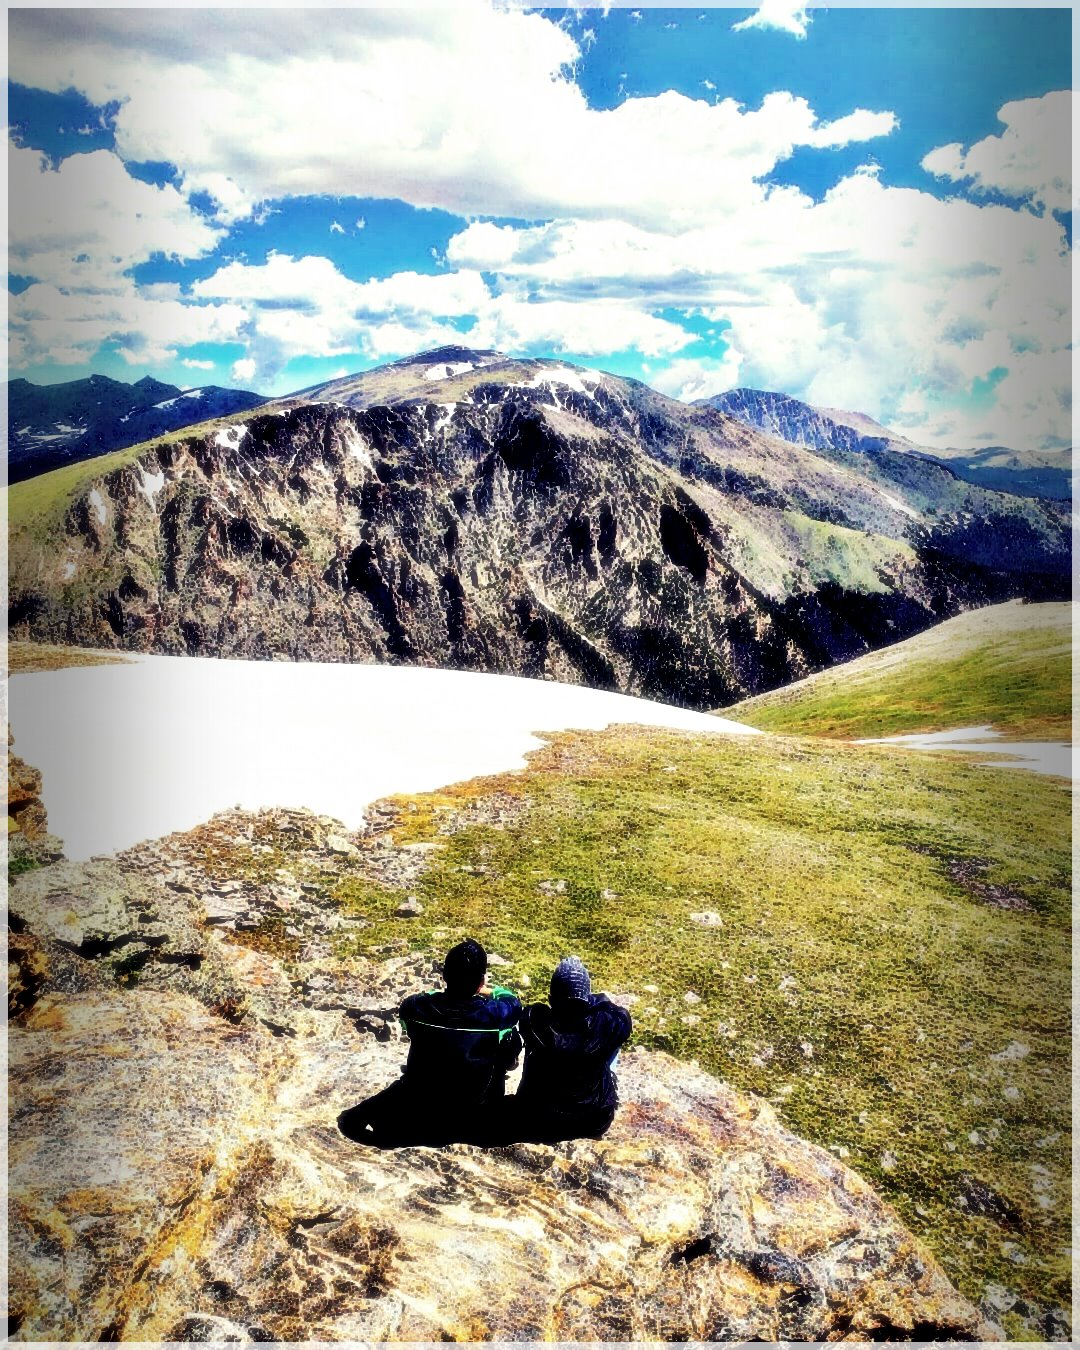 HikingAdventures-98652032367